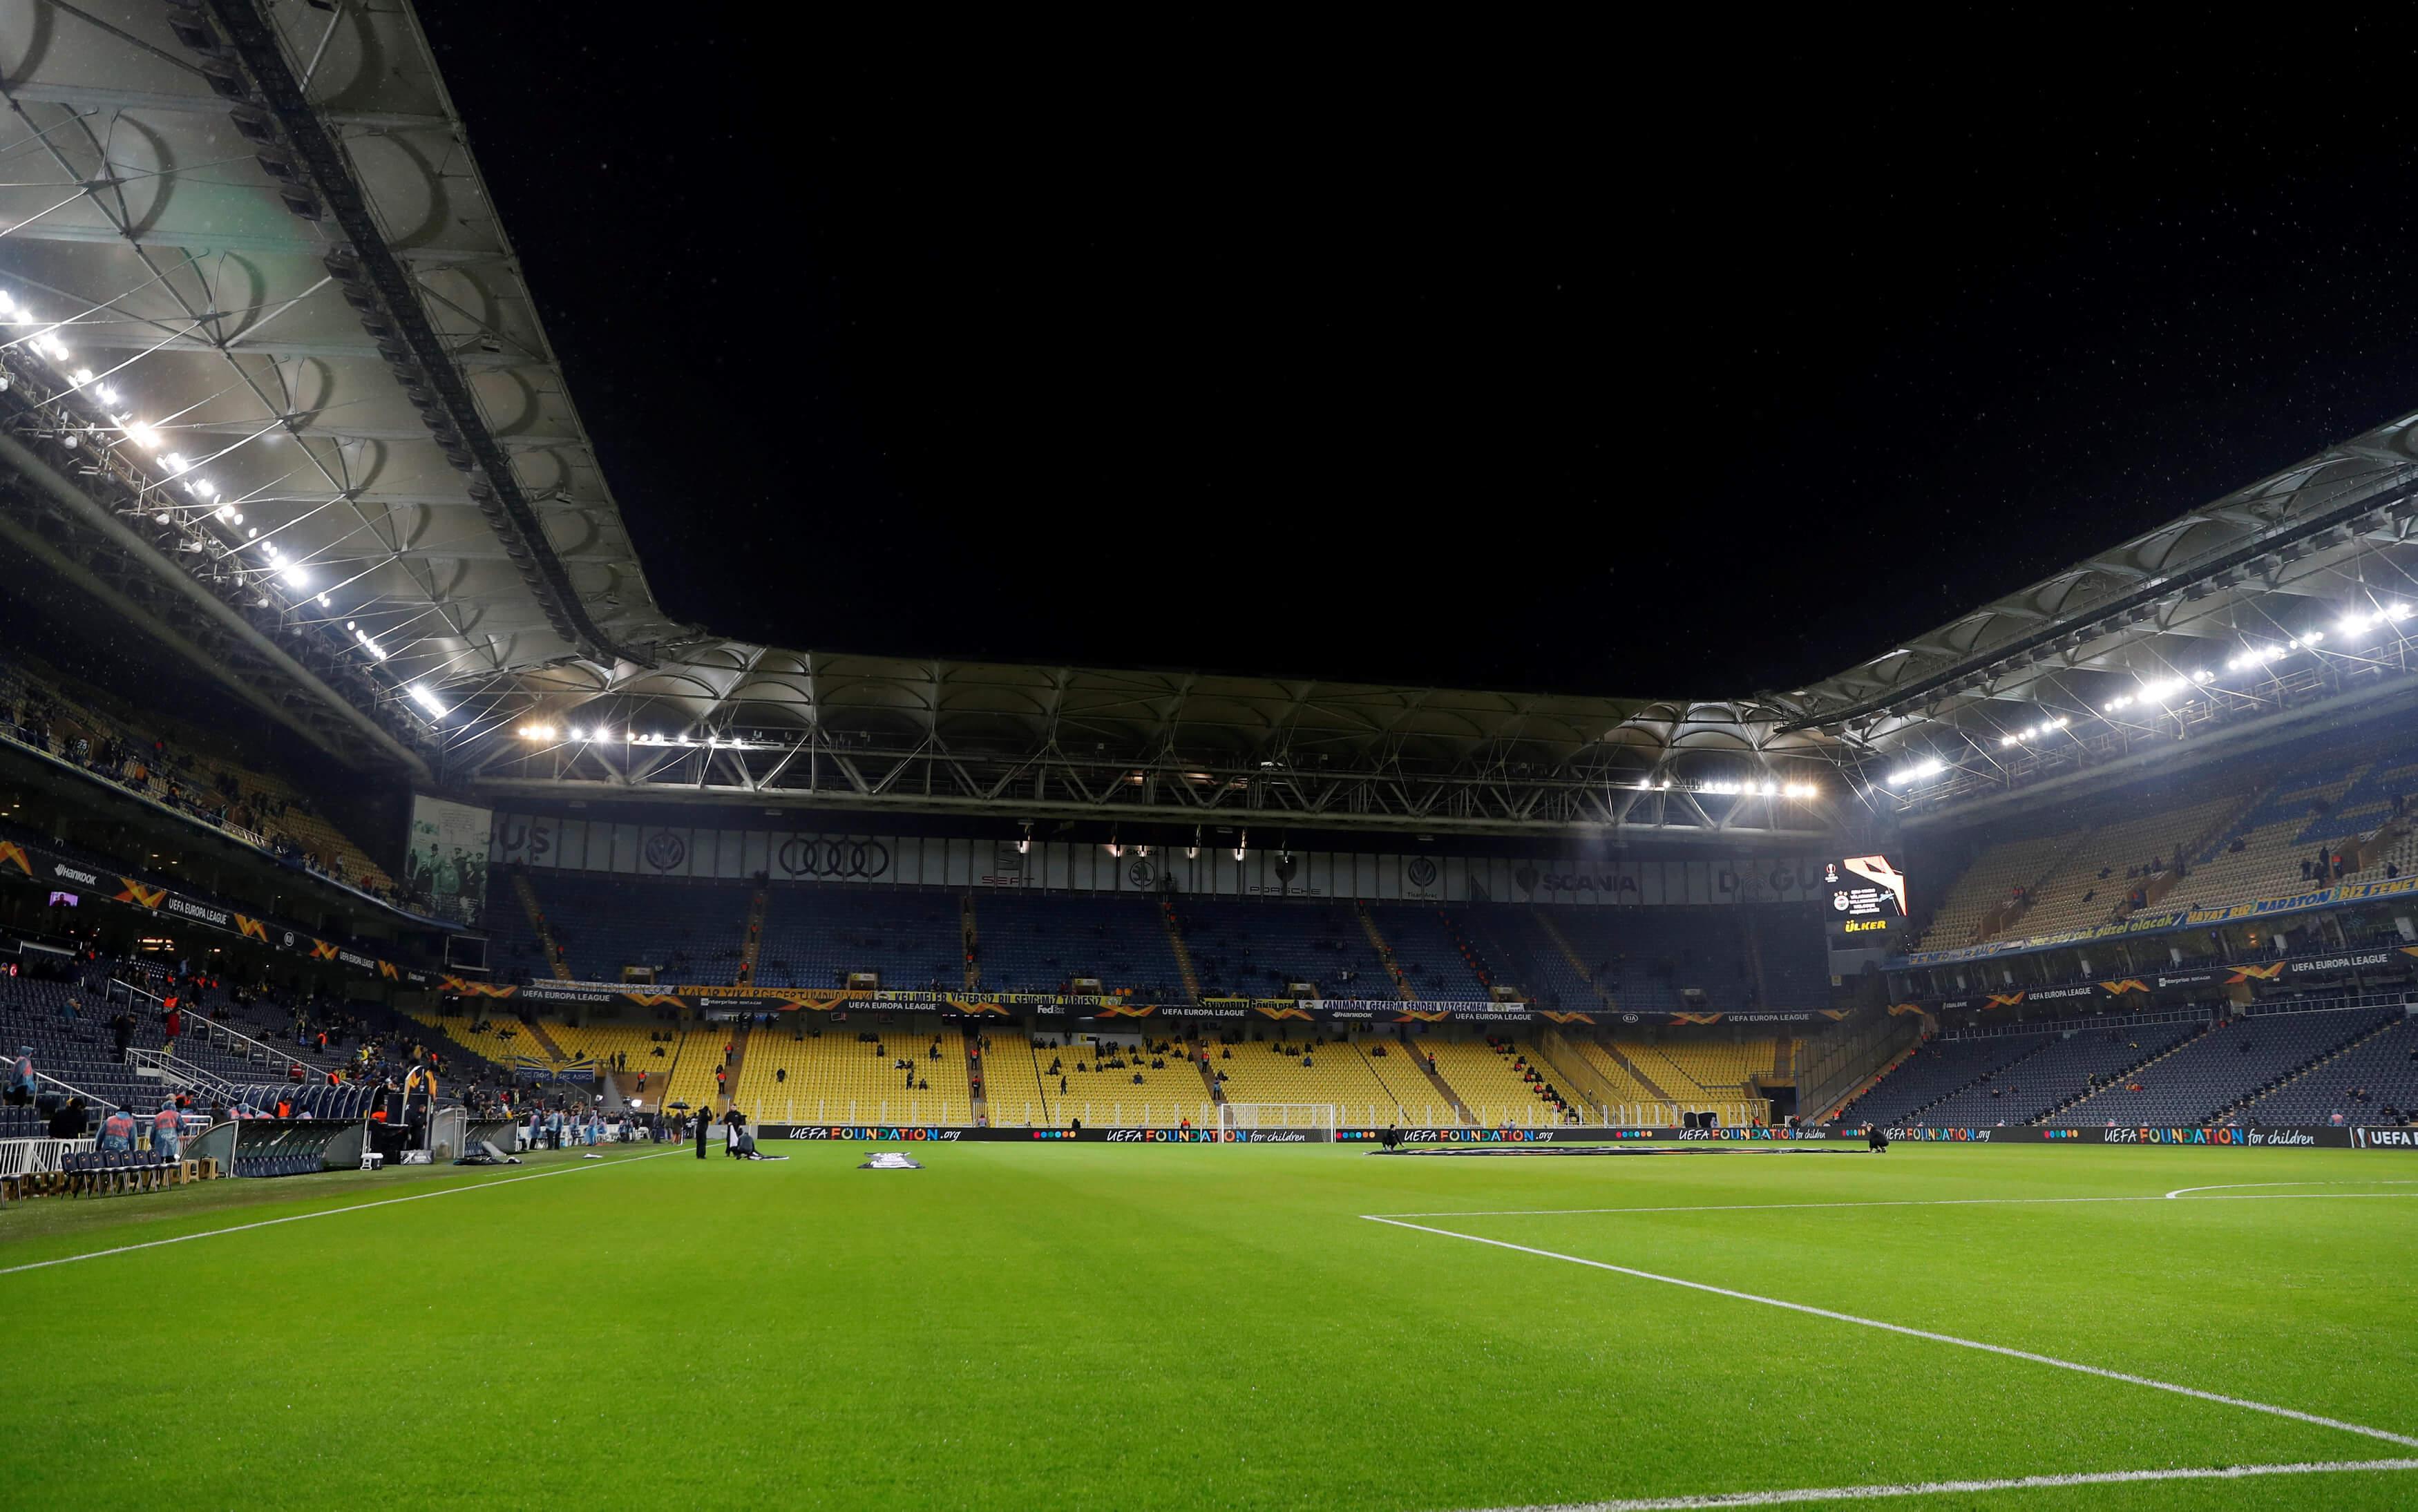 Τουρκία: Εισαγγελέας ζήτησε την σύλληψη δασκάλων για να αδειάσει γήπεδο και να παίξει μπάλα!